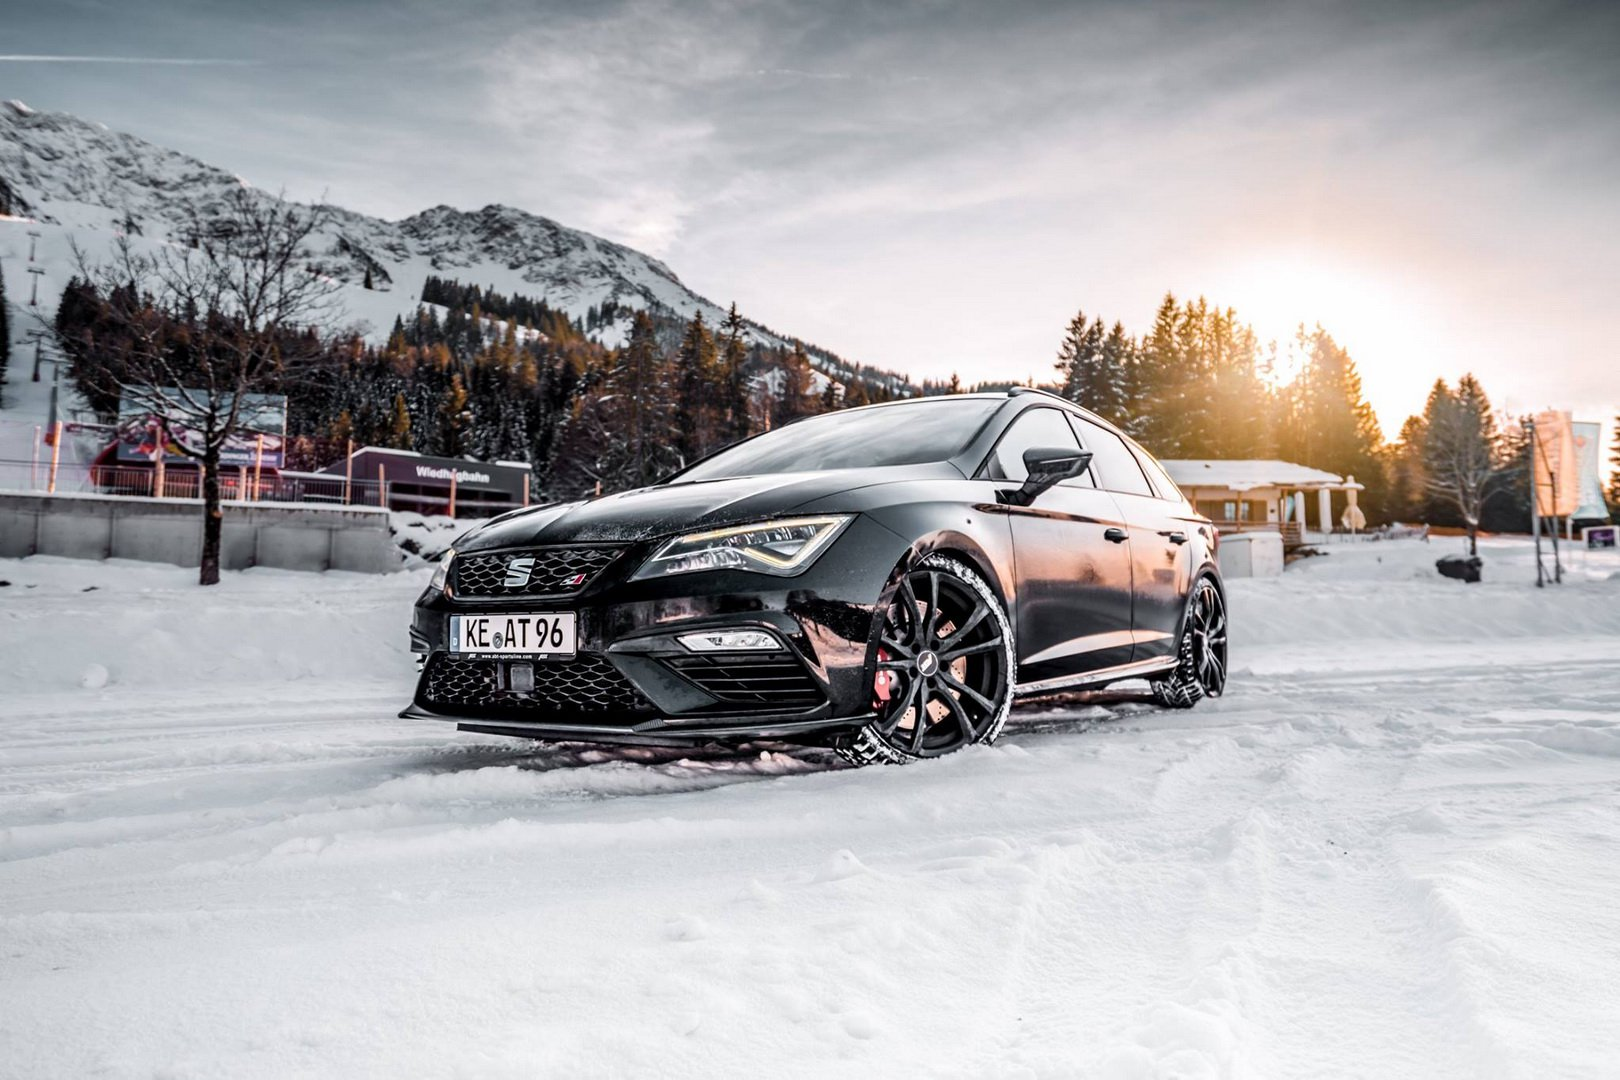 Спецы из ателье ABT Sportsline на днях представили свой очередной проект – Seat Leon ST Cupra, форсированный до 370 л.с.